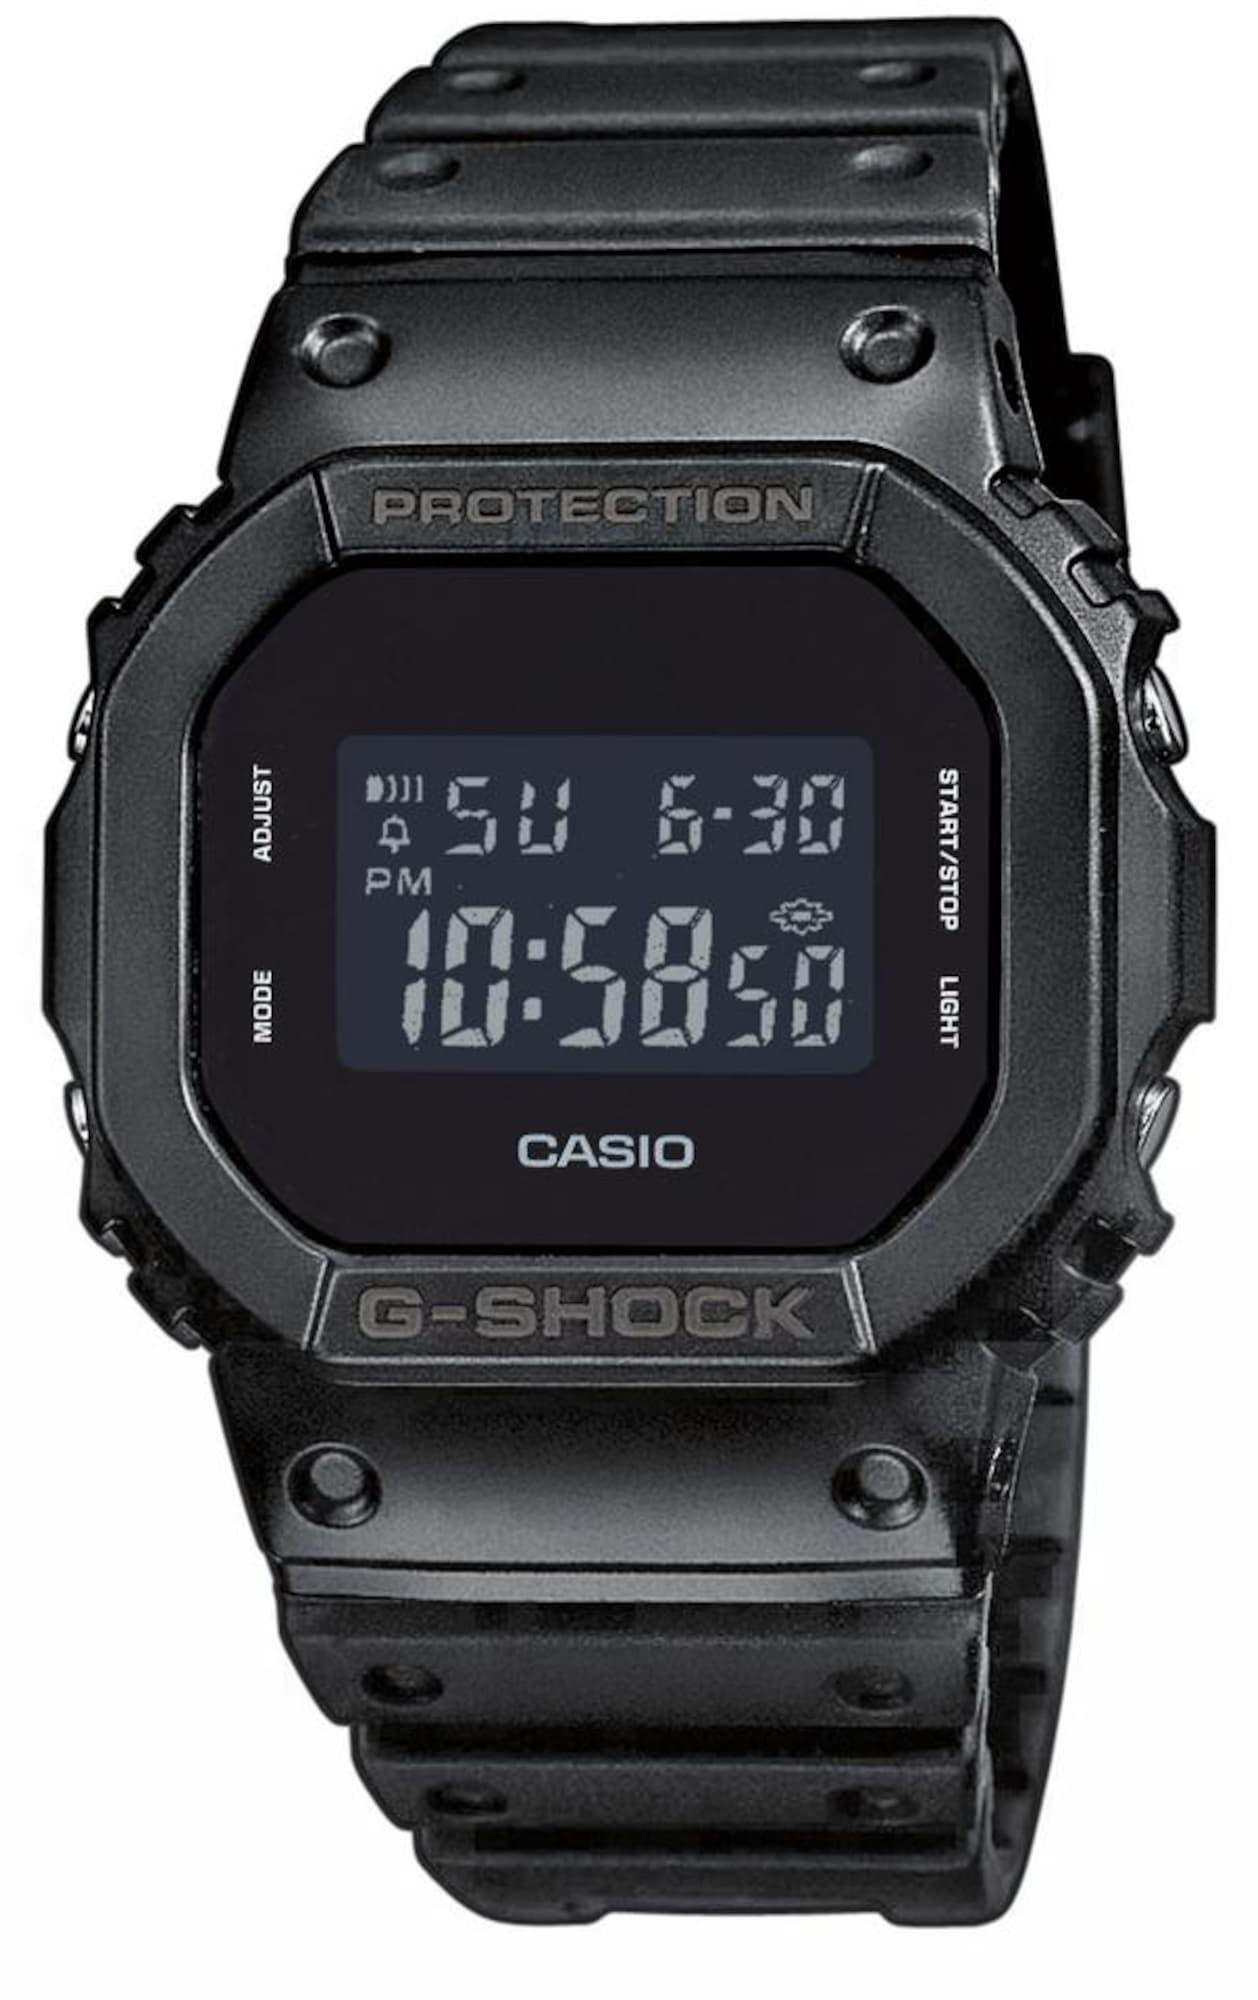 Digitaluhr G-SHOCK 'DW-5600BB-1ER'   Uhren > Digitaluhren   Casio